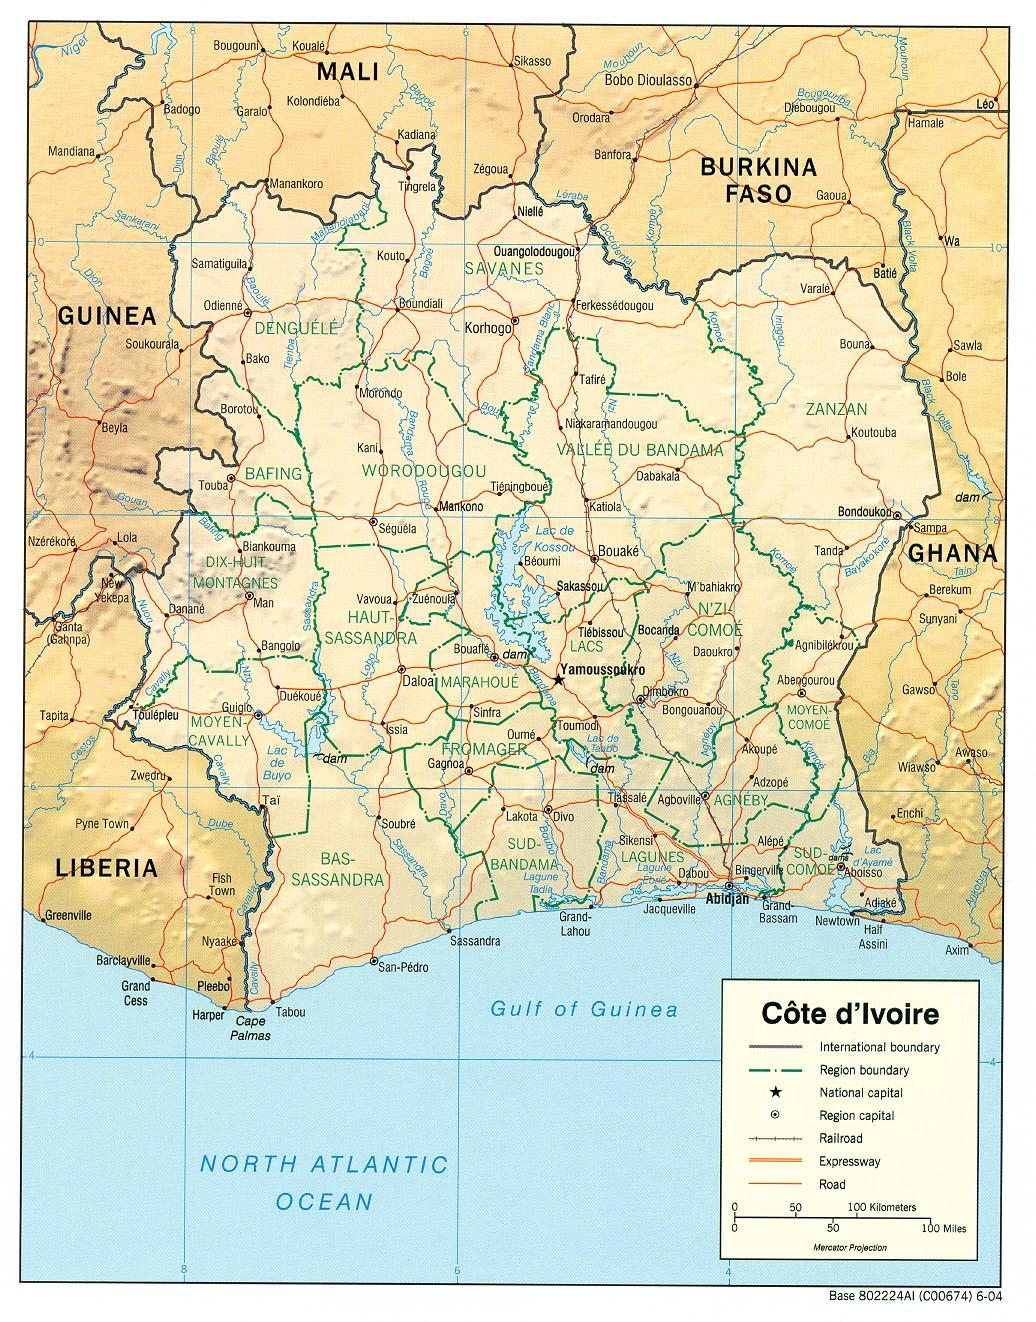 Carte géopolitique de Côte d'Ivoire